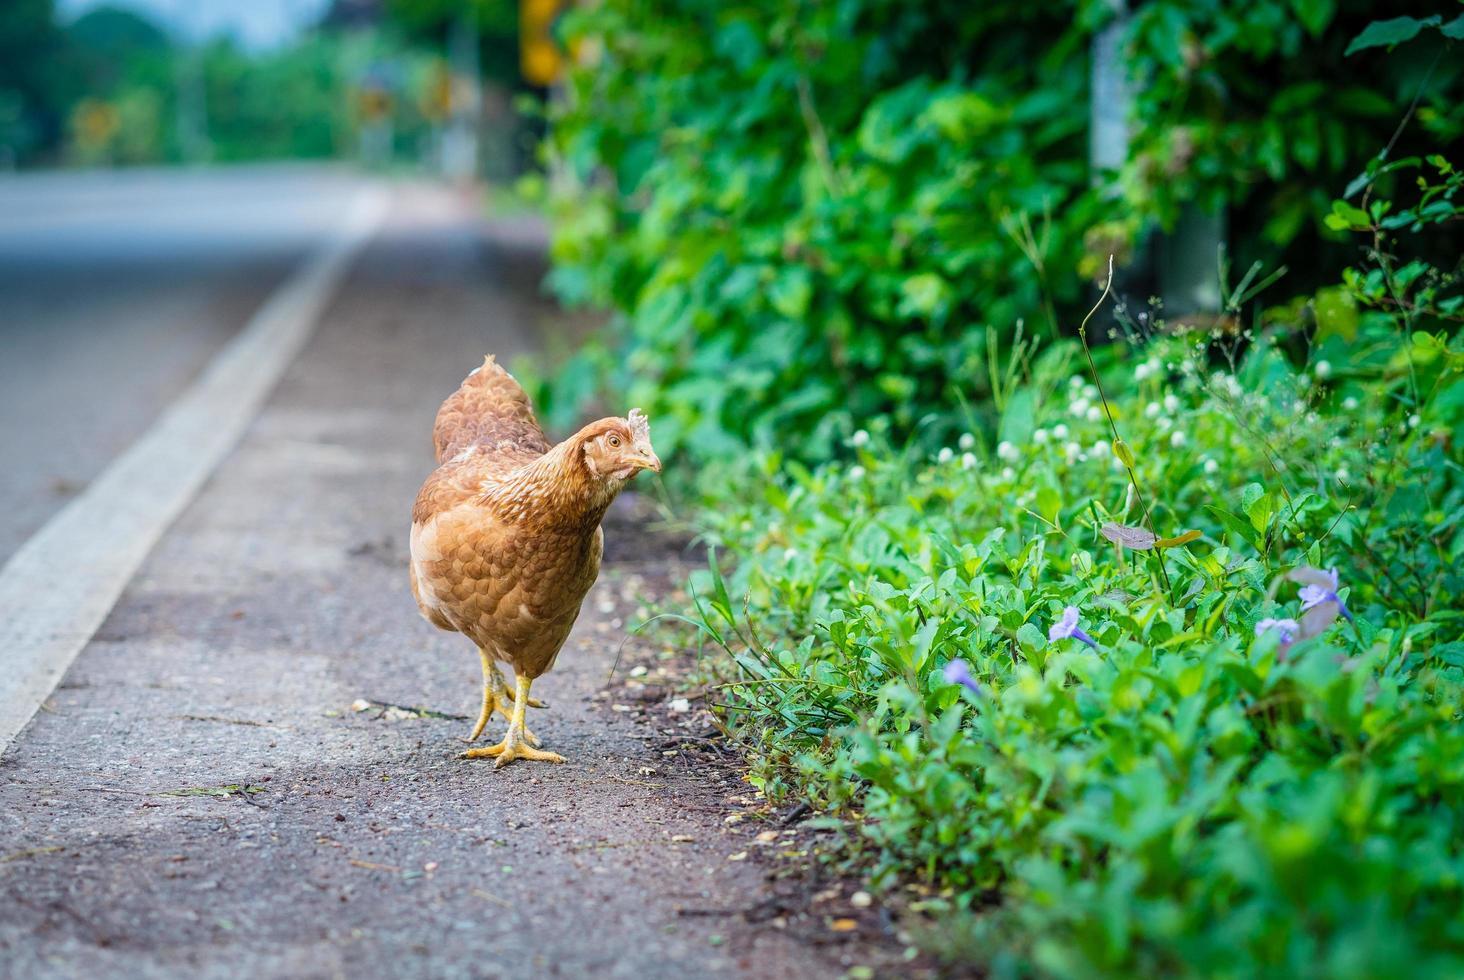 gallina marrón buscando comida en la carretera foto